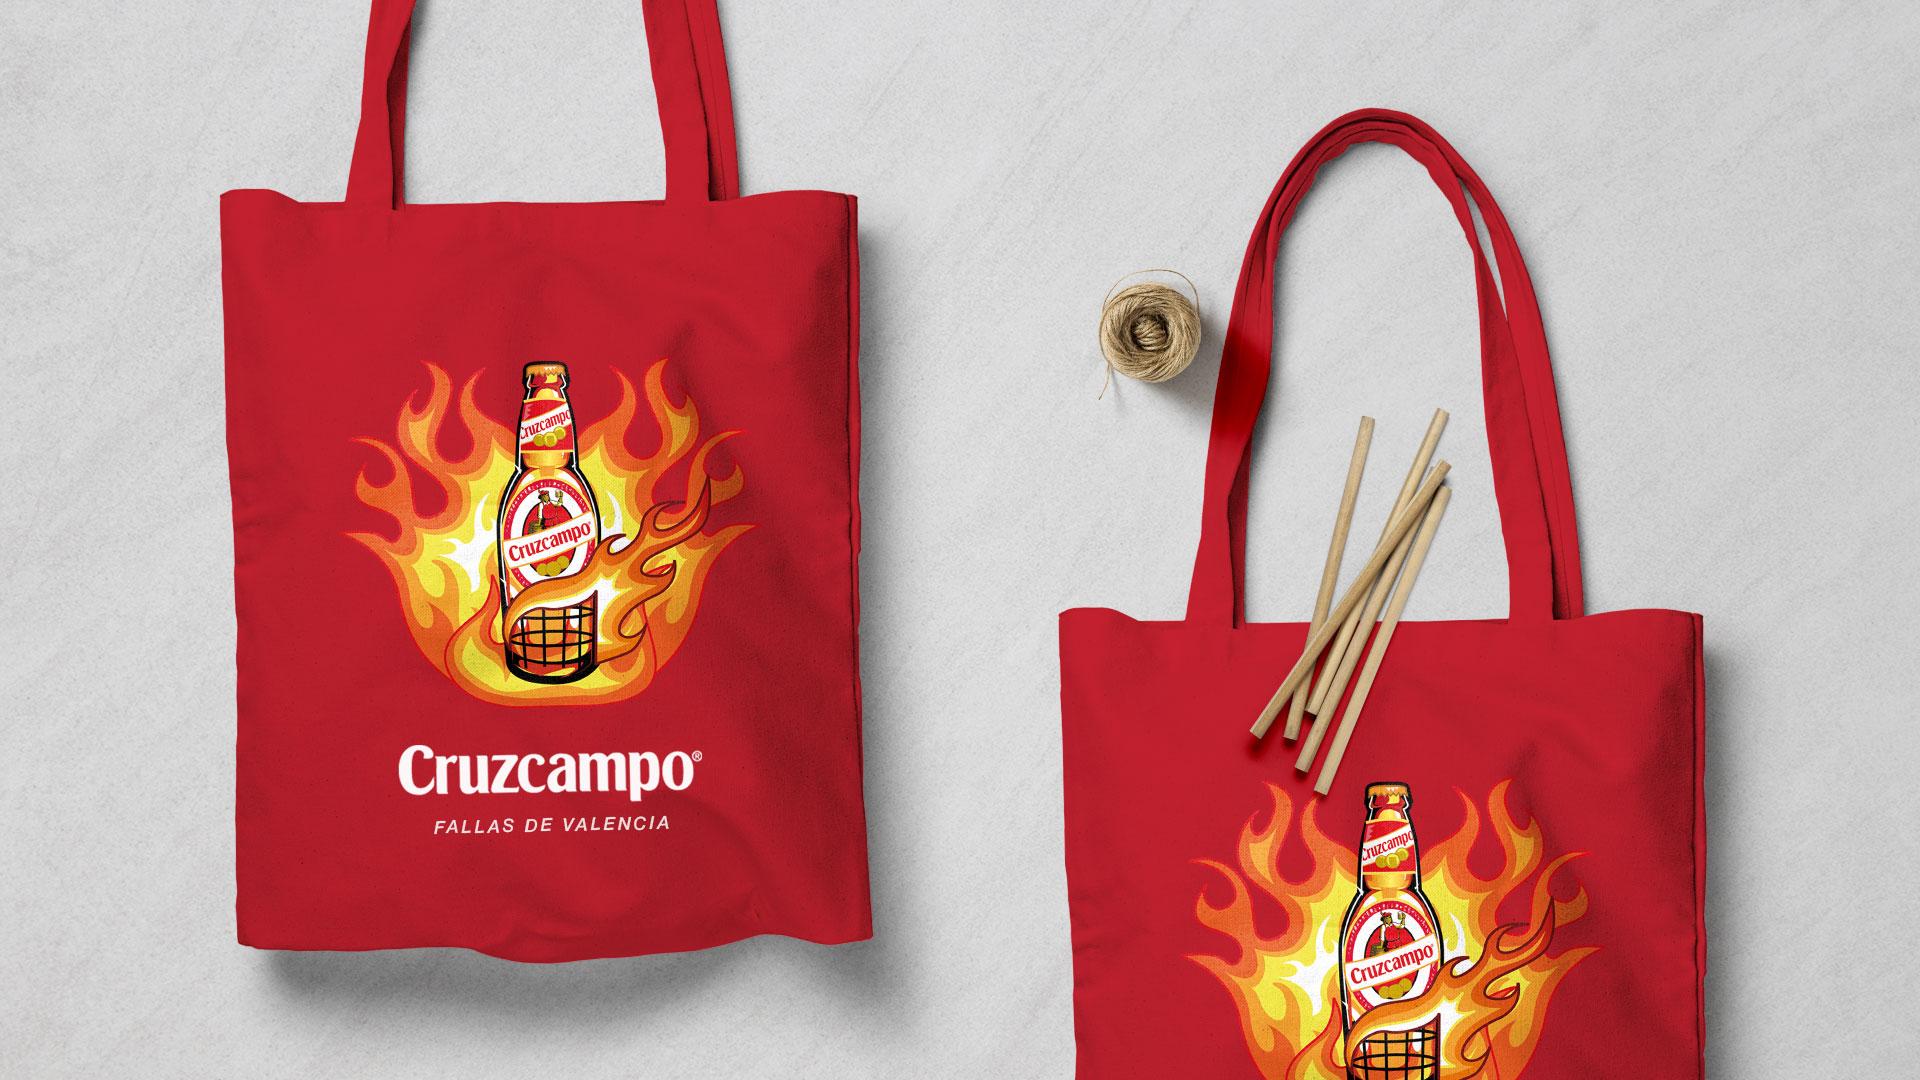 2c_advertising_design_graphic_cruzcampo_fallas